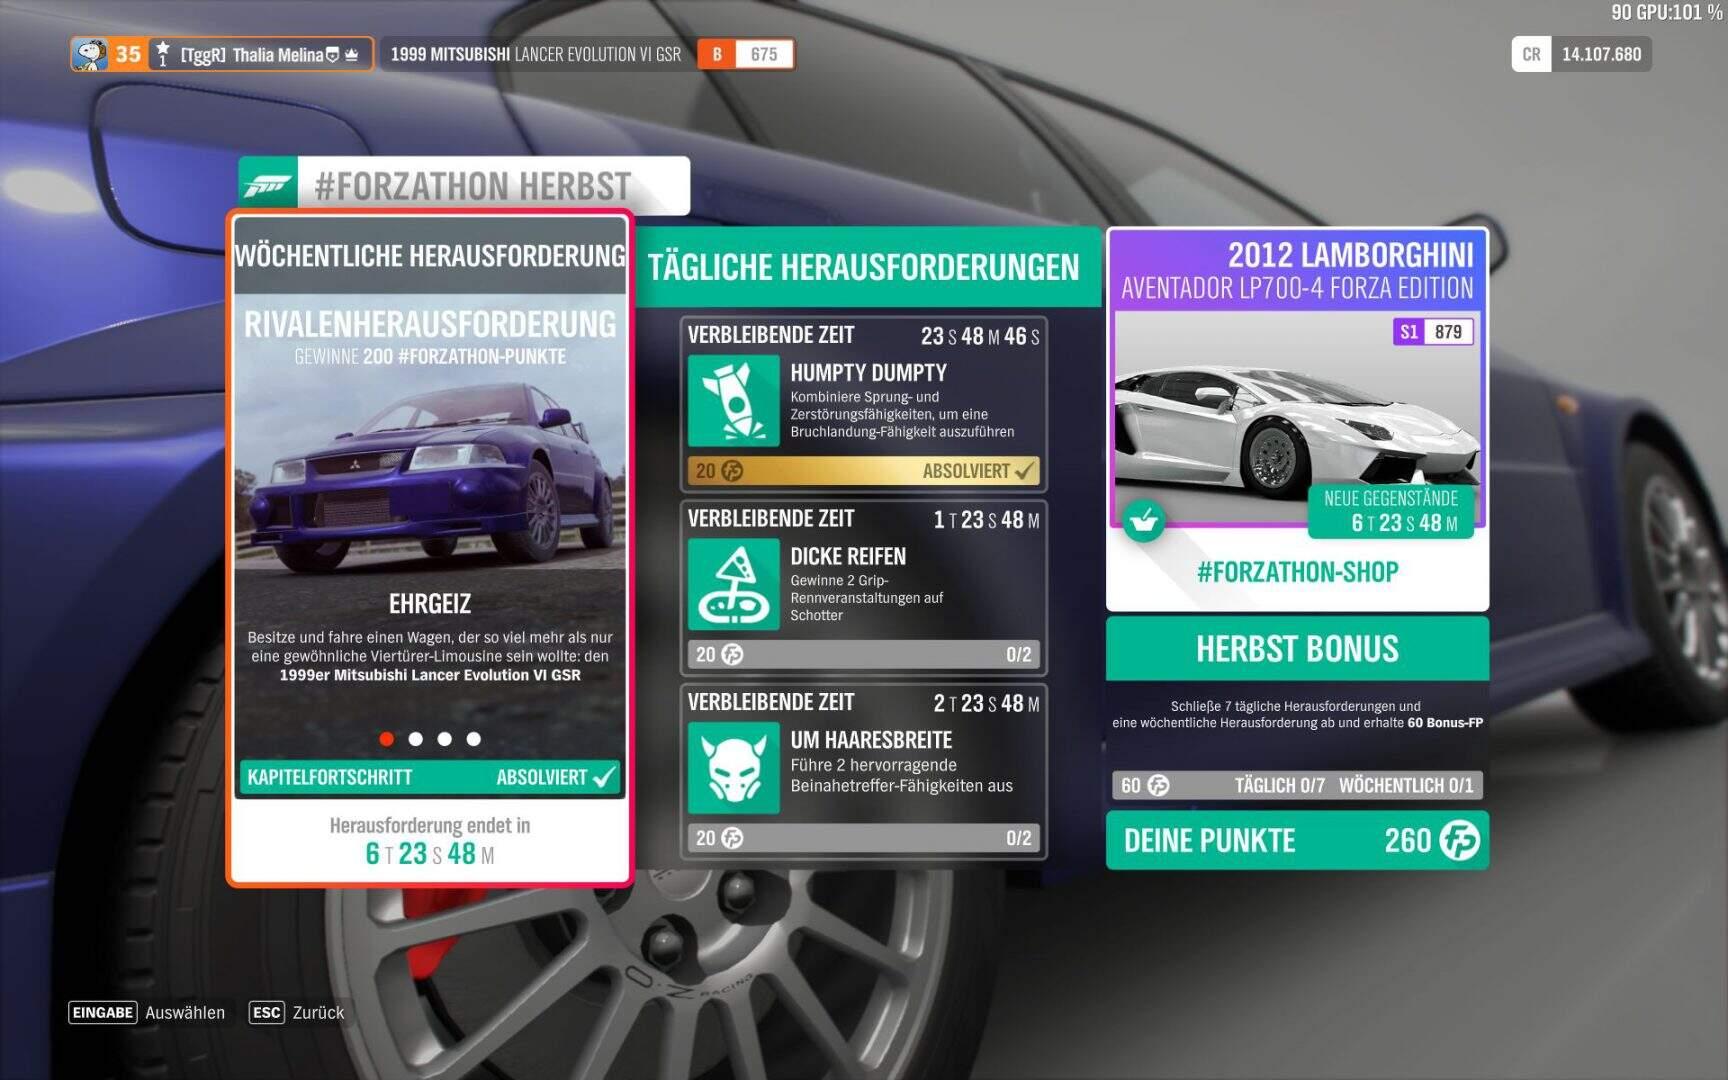 Forza Horizon 4 Forzathon KW 04 / 2019 Aufgabe 01